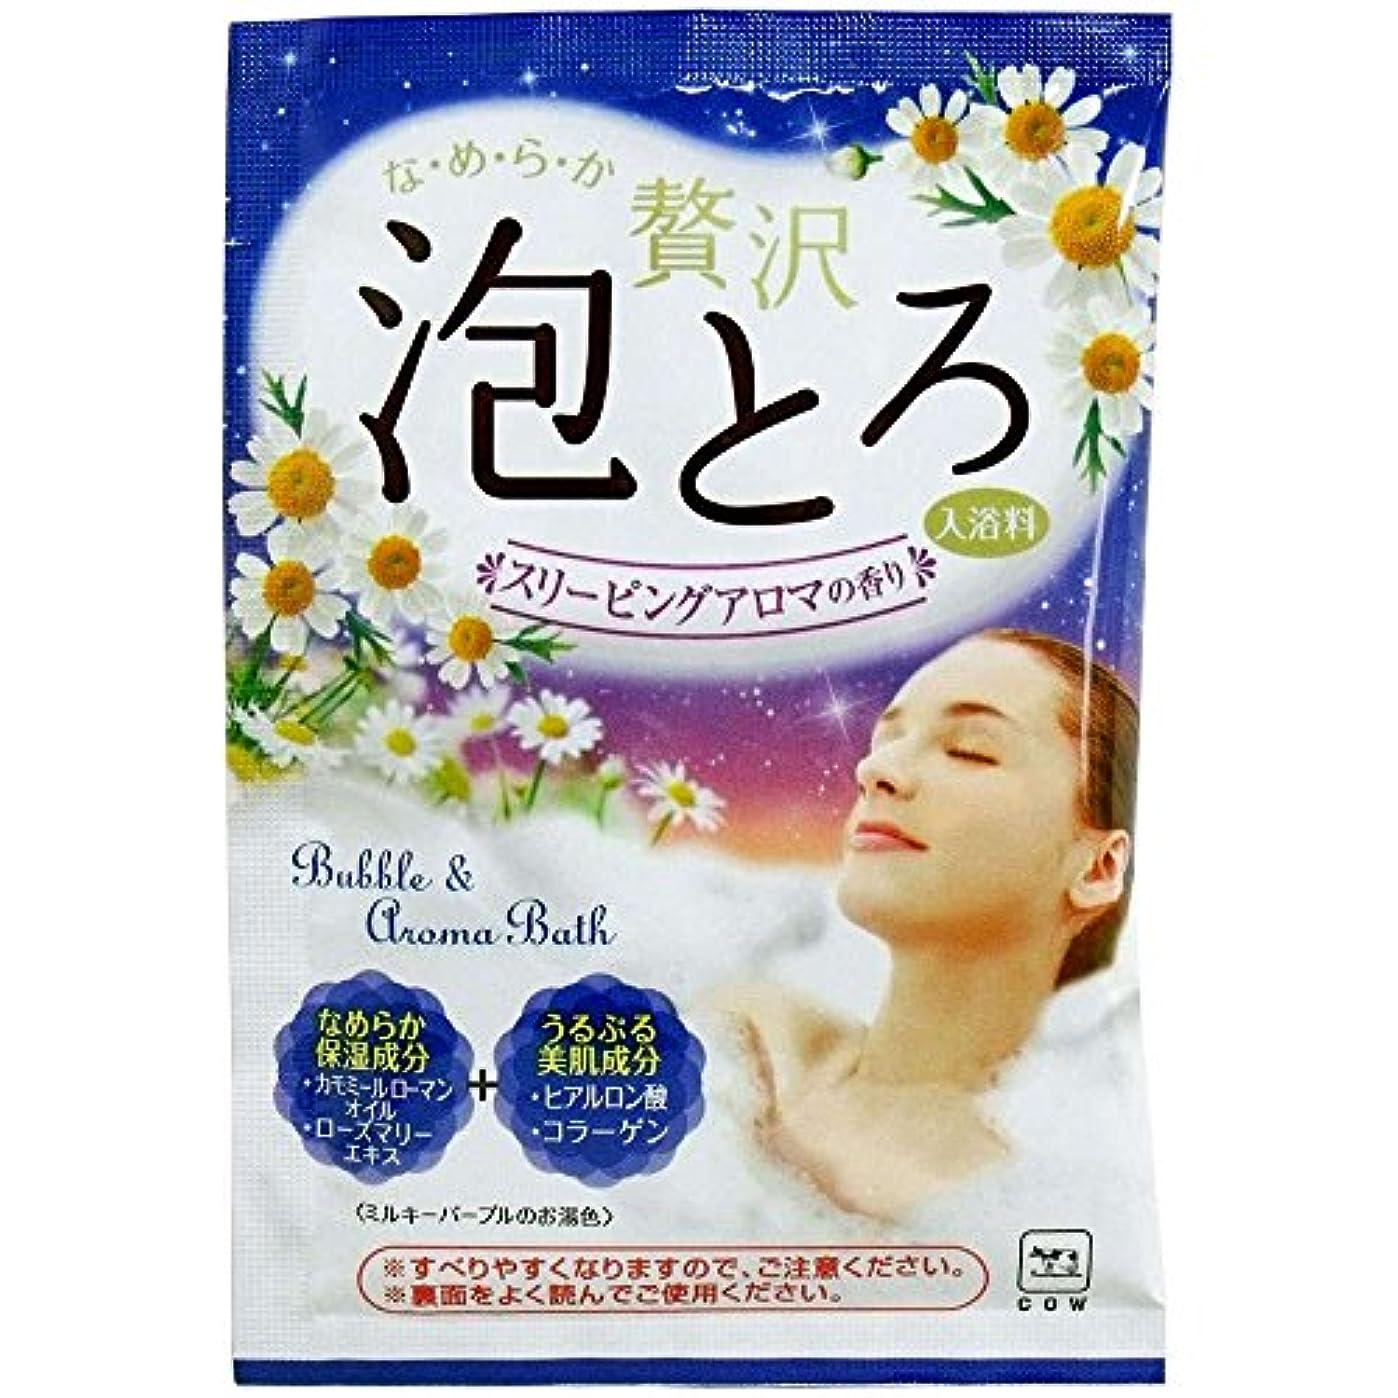 硫黄マイルド生産的牛乳石鹸共進社 お湯物語 贅沢泡とろ 入浴料 スリーピングアロマの香り 30g